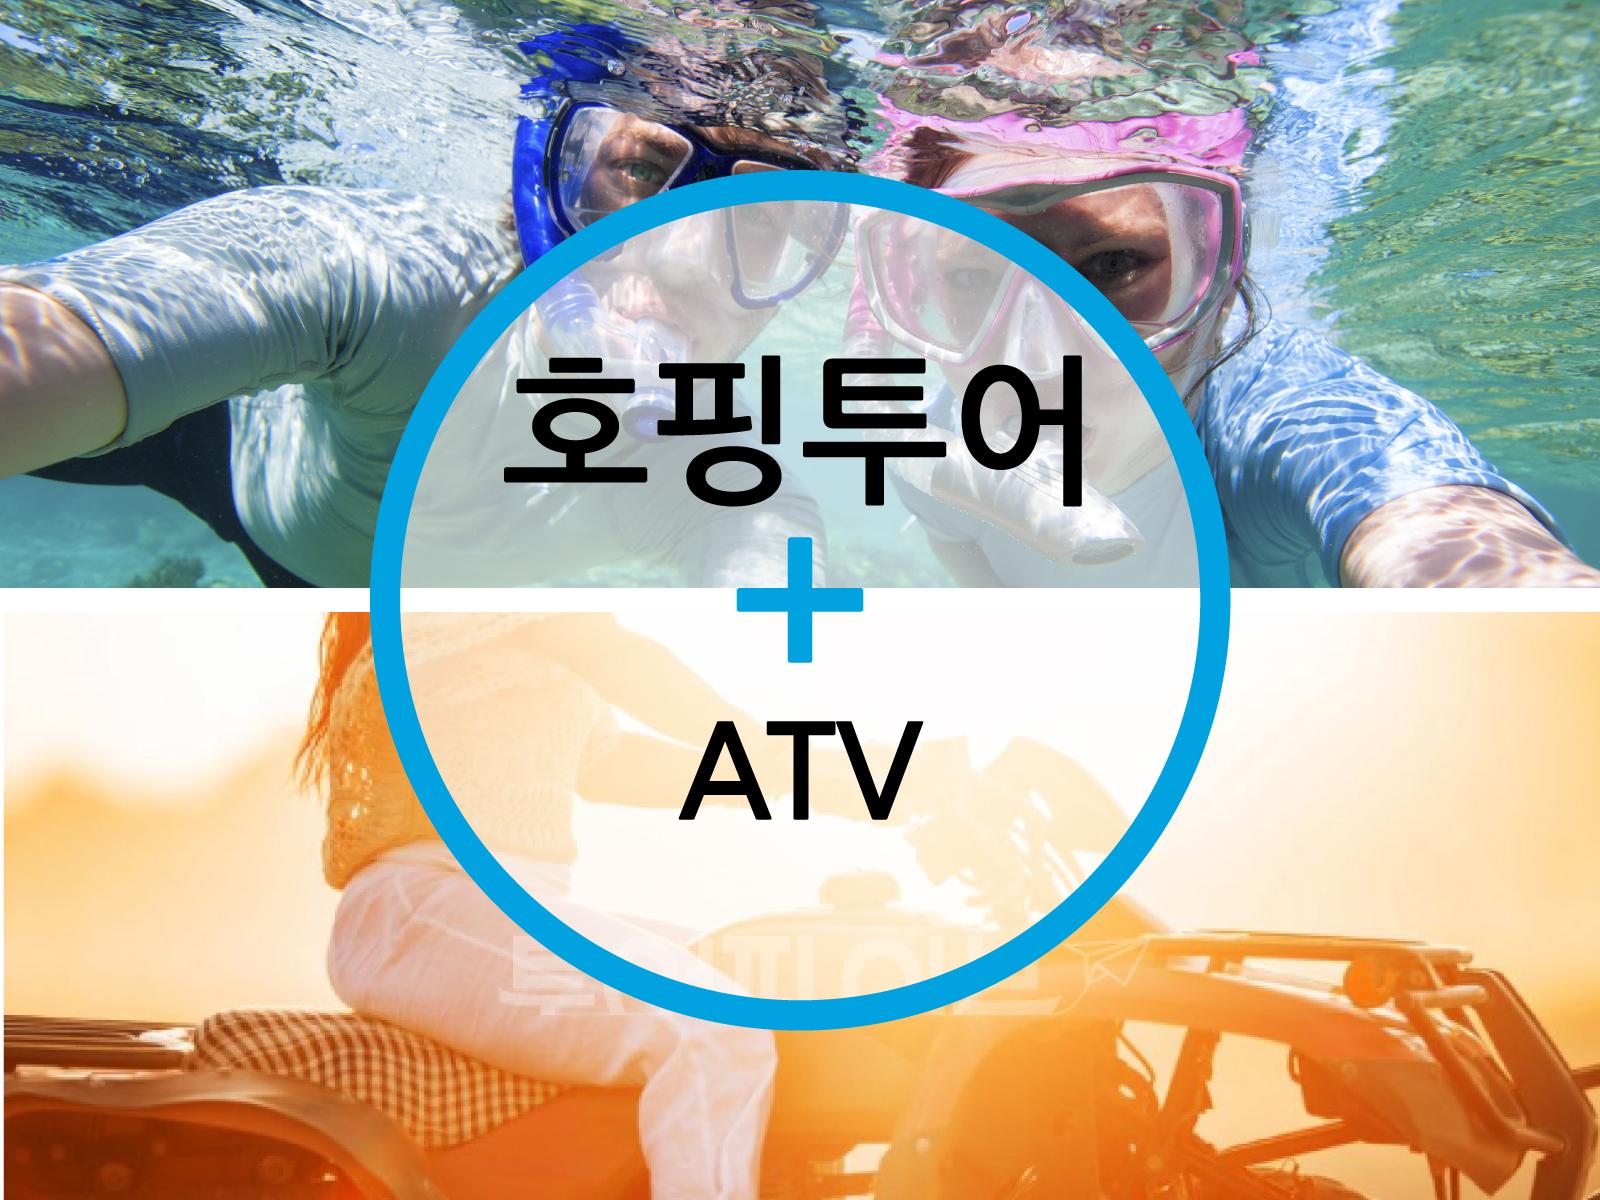 [보라카이 패키지] 호핑투어 골드형 (카와스파 + 식사 + 씨푸드) + ATV